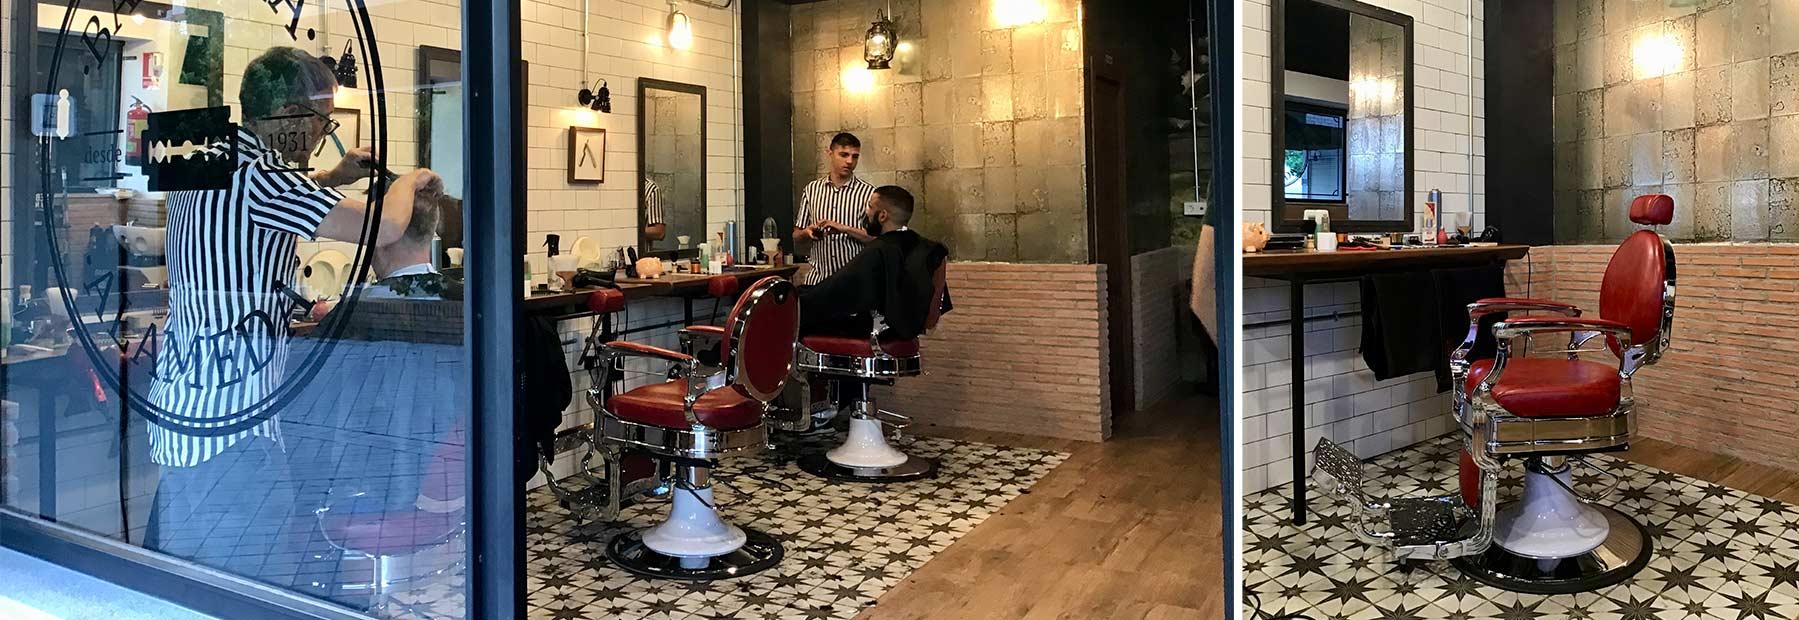 Décoration intérieure pour barbiers et coiffeurs.